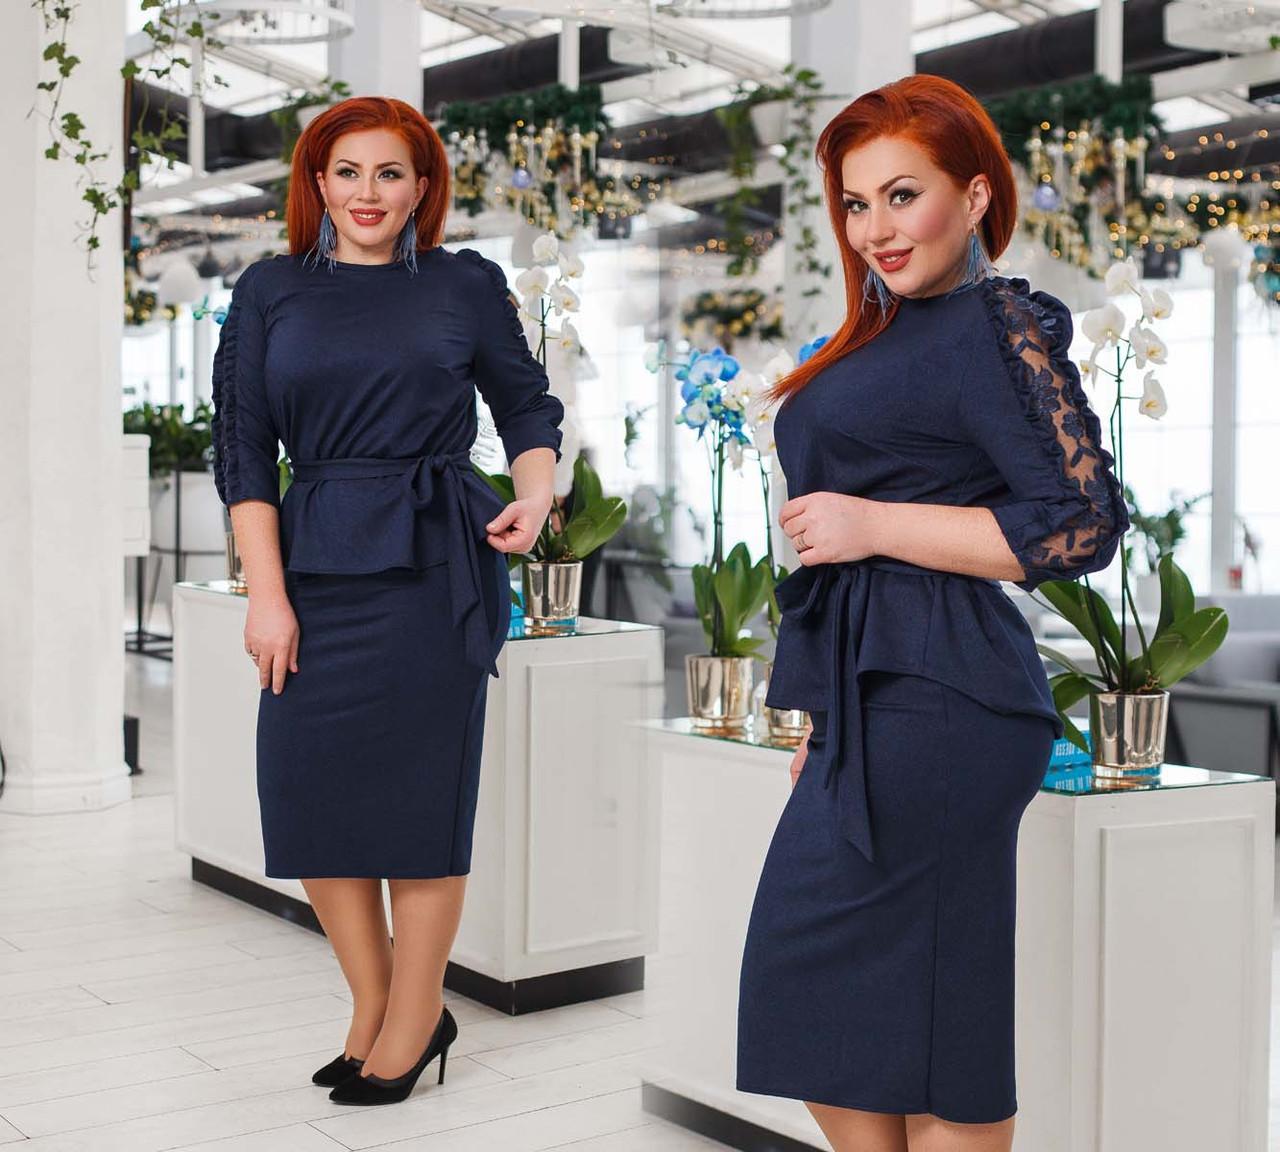 df6781a2802 Элегантный женский костюм с юбкой до больших размеров 41223